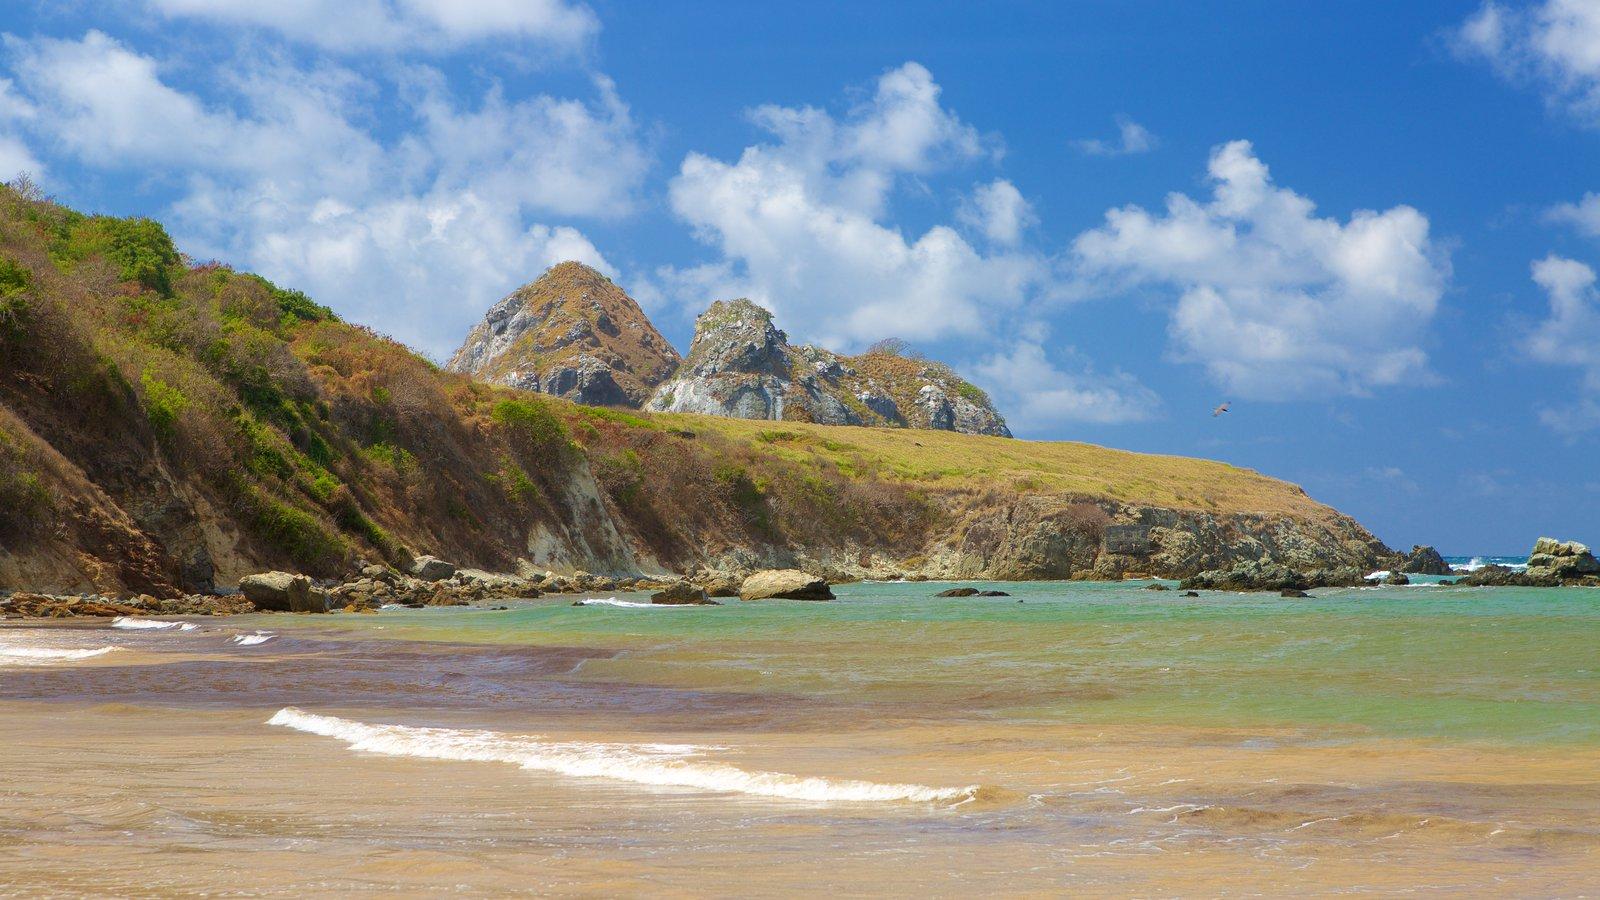 Praia do Sueste mostrando montanhas, paisagens litorâneas e uma praia